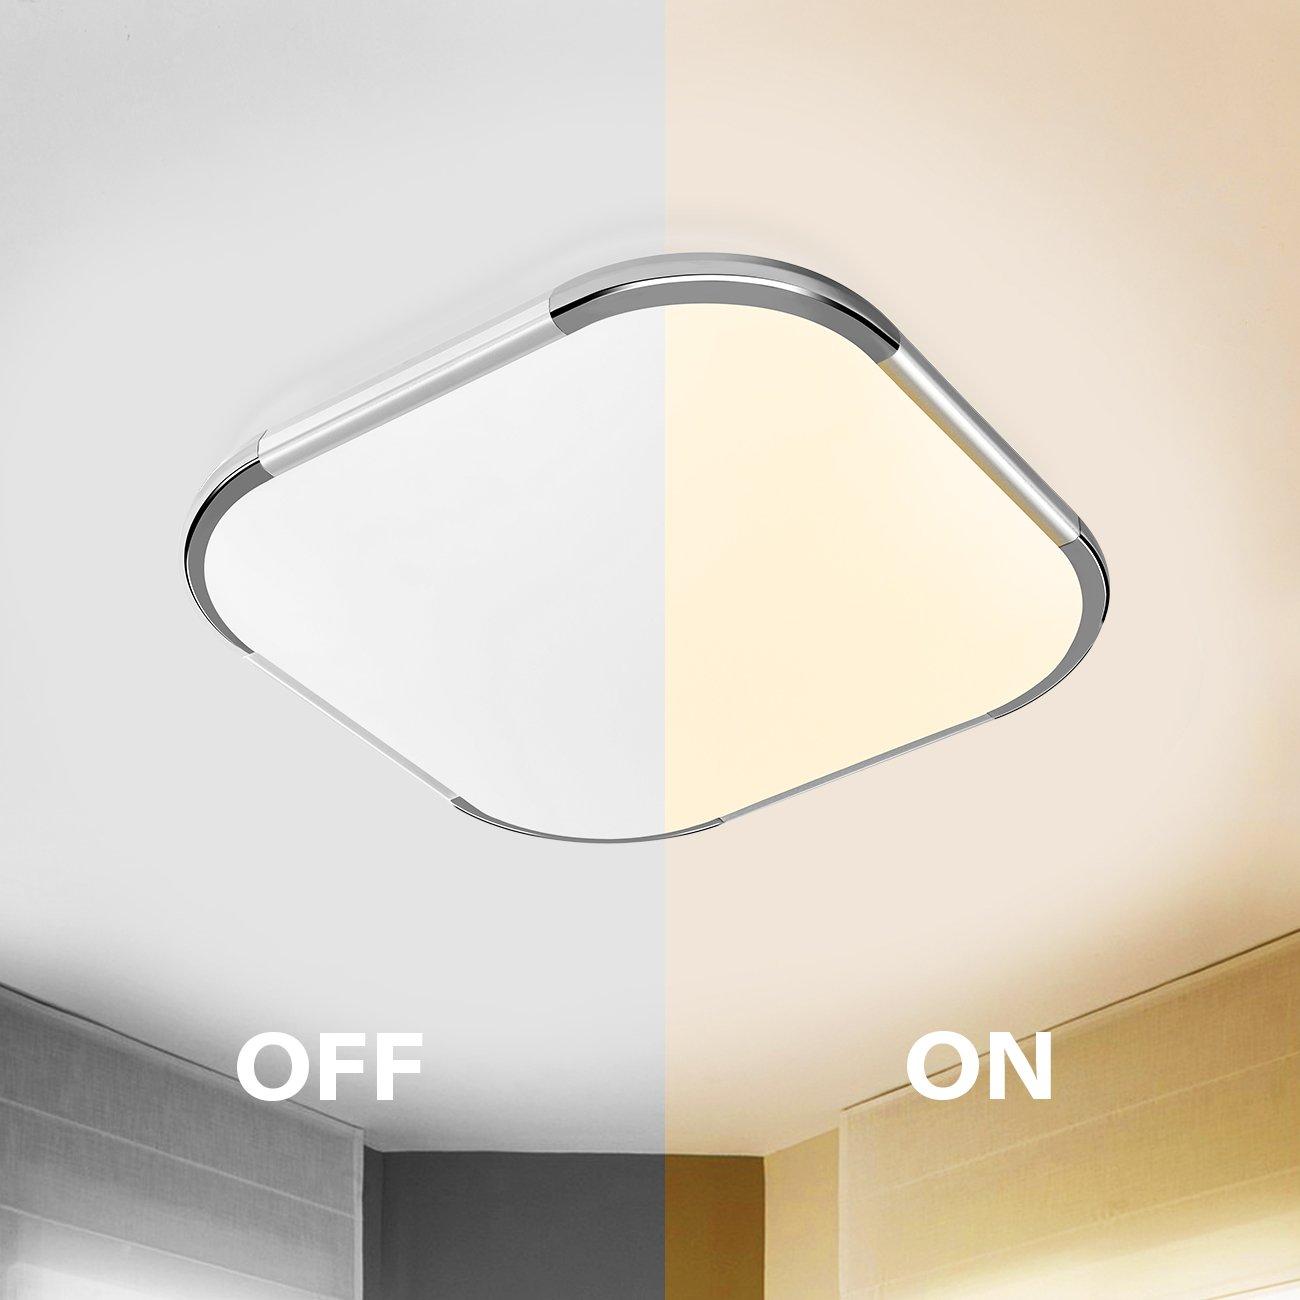 18W LED Deckenlampe Aufbau 3000K Warmweiss, 30x30 Cm Quadratisch, Panel  Lampe Für Wohnzimmer Schlafzimmer Küche Treppen Bad Flur Korridor   ANWIO:  ...